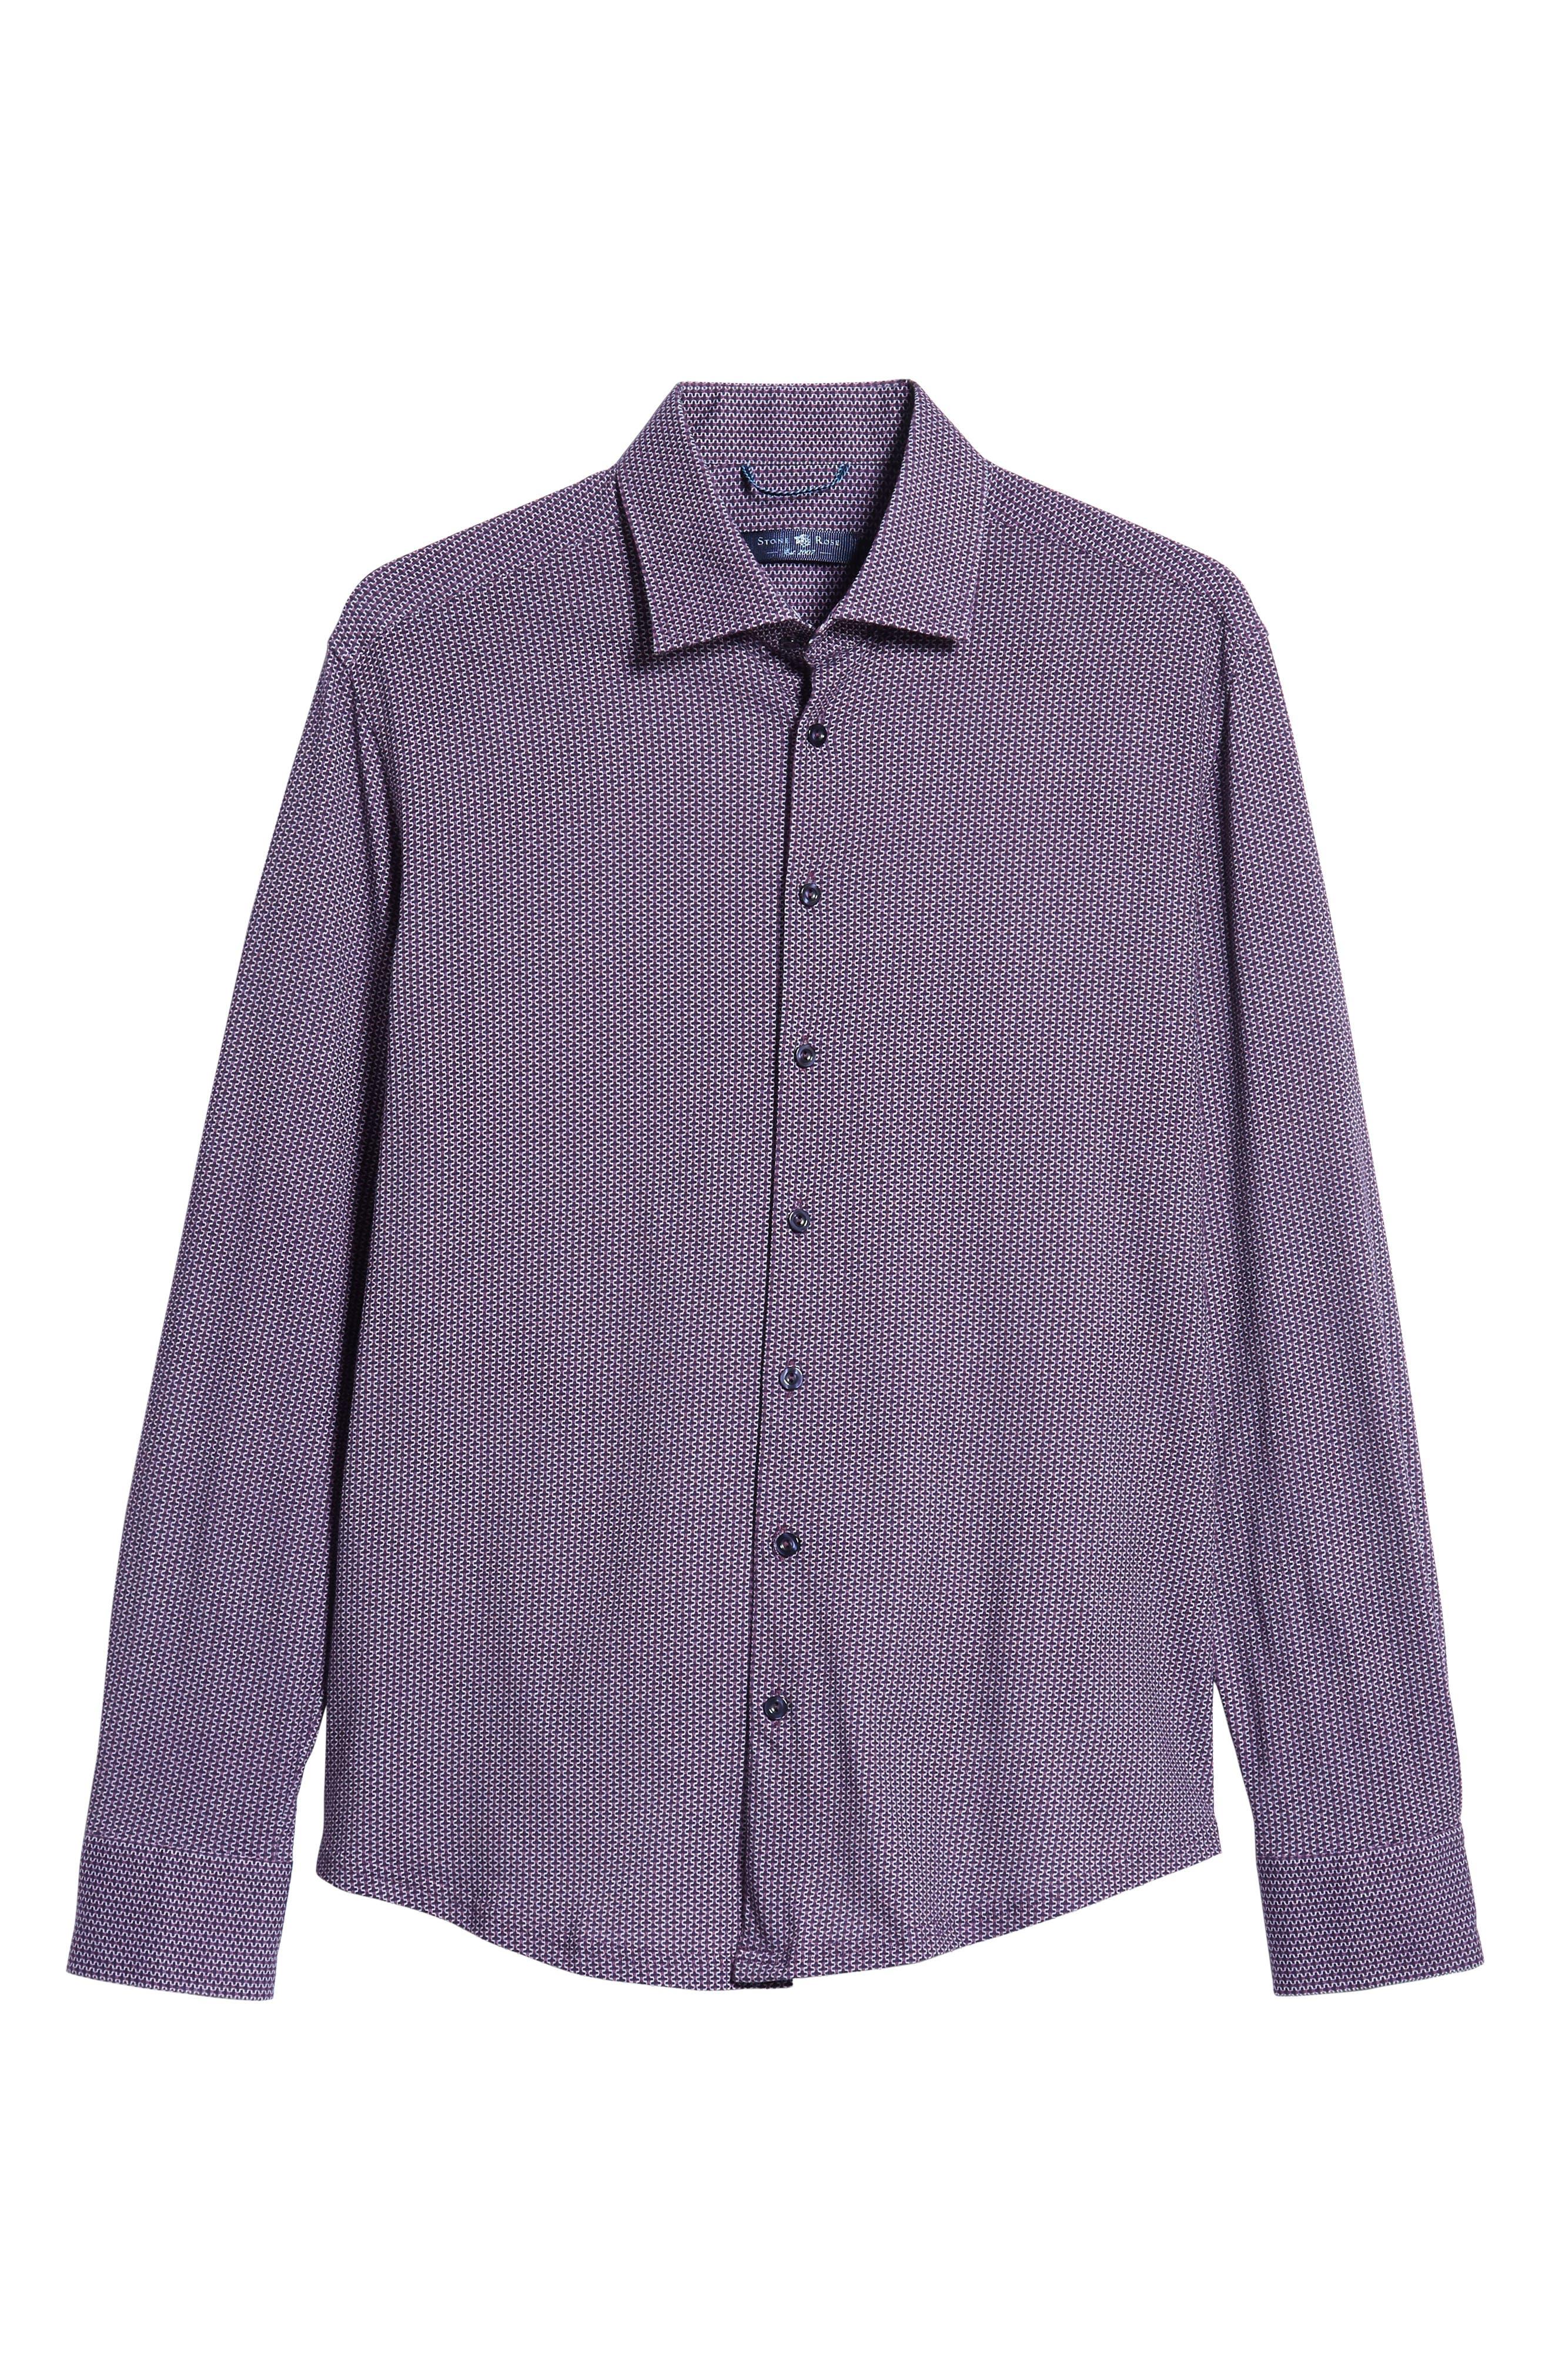 Trim Fit Knit Sport Shirt,                             Alternate thumbnail 5, color,                             PURPLE